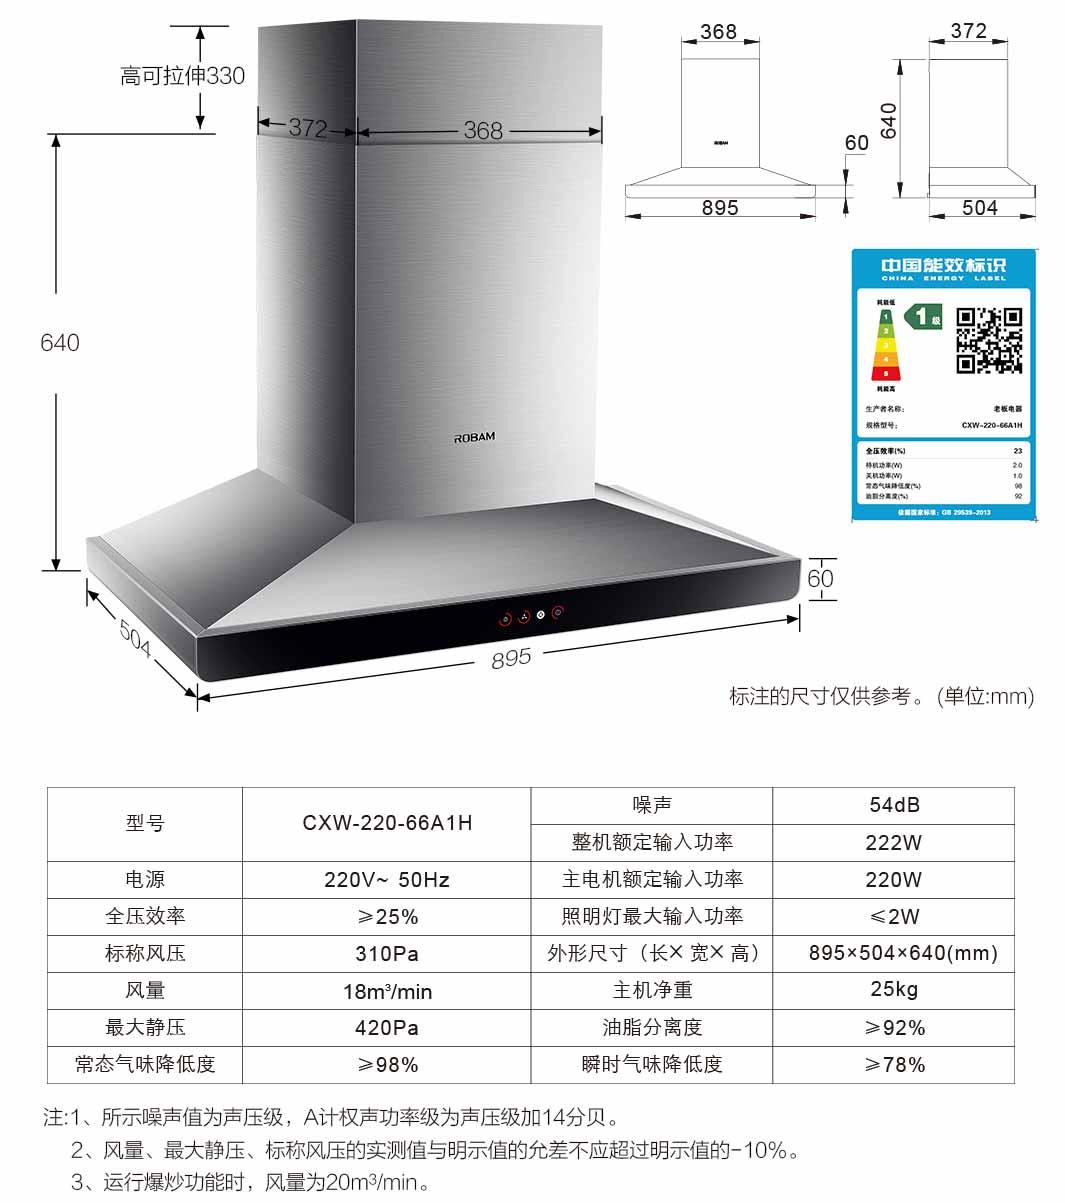 油烟机 CXW-220-66A1H